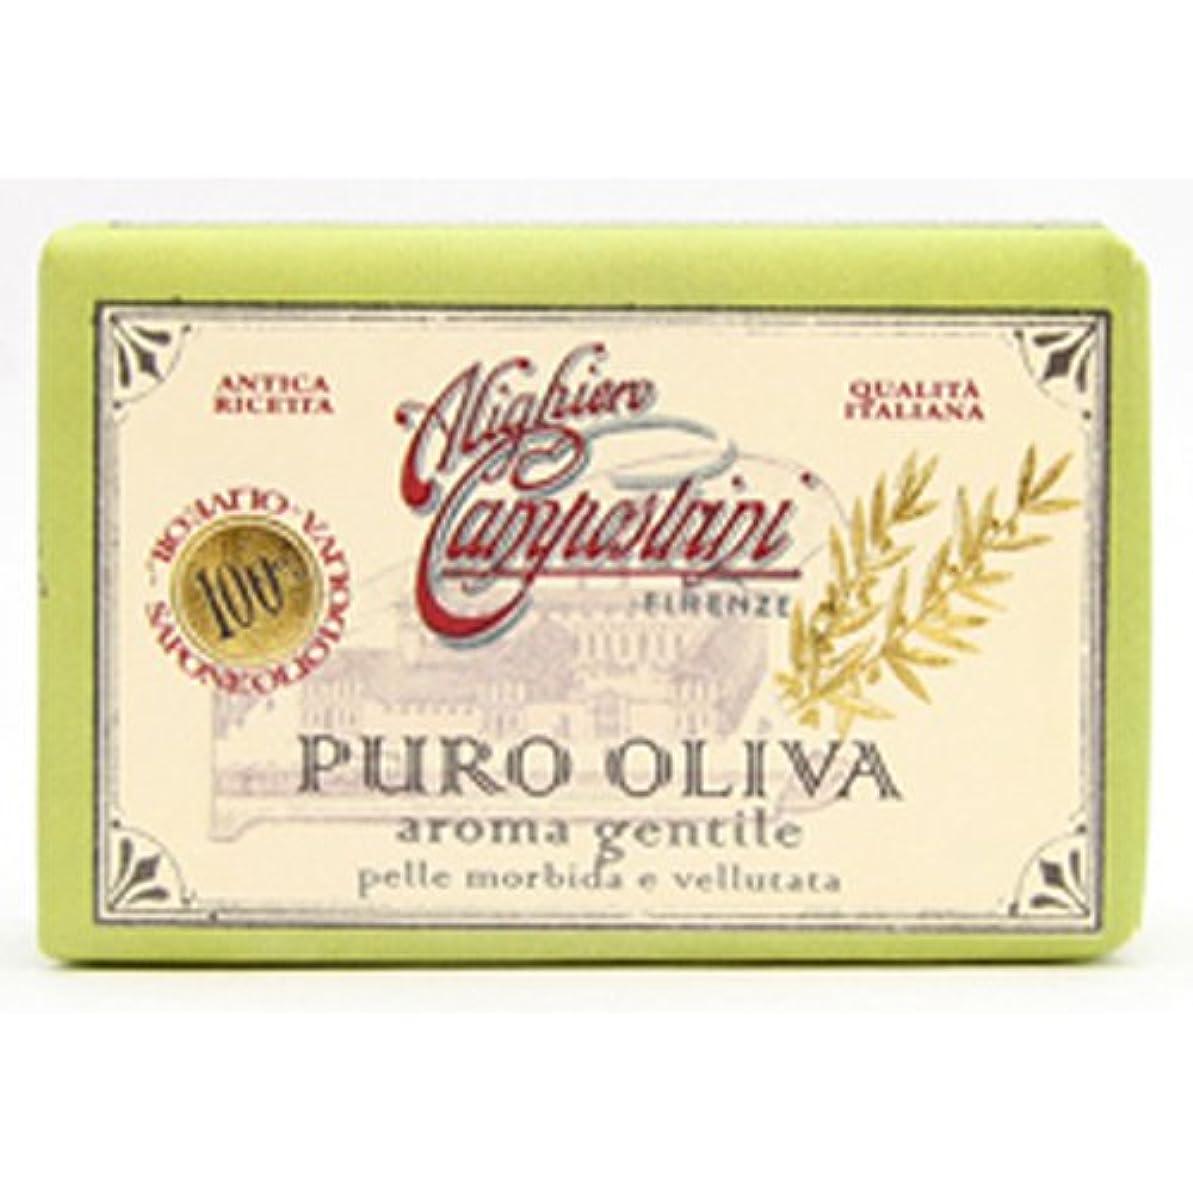 チャールズキージング減らす間違えたSaponerire Fissi サポネリーフィッシー PURO OLIVA Soap オリーブオイル ピュロ ソープ Aroma gentile ジェントル(グリーン)